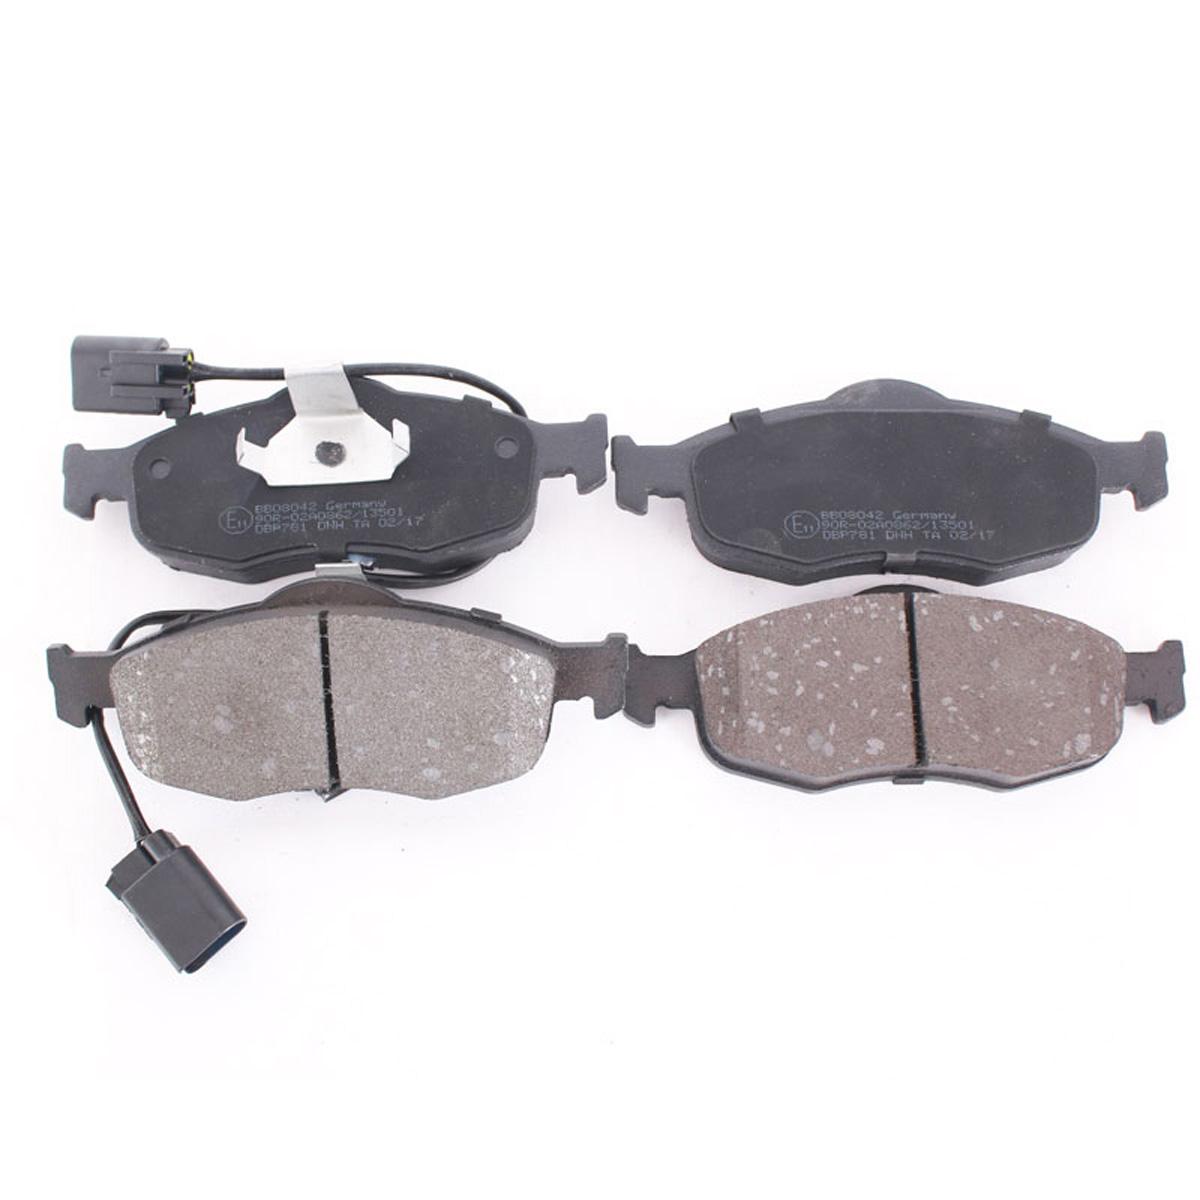 Bremsbelagsatz, Scheibenbremse Vorderachse für Ford Cougar, Mondeo, BB08042